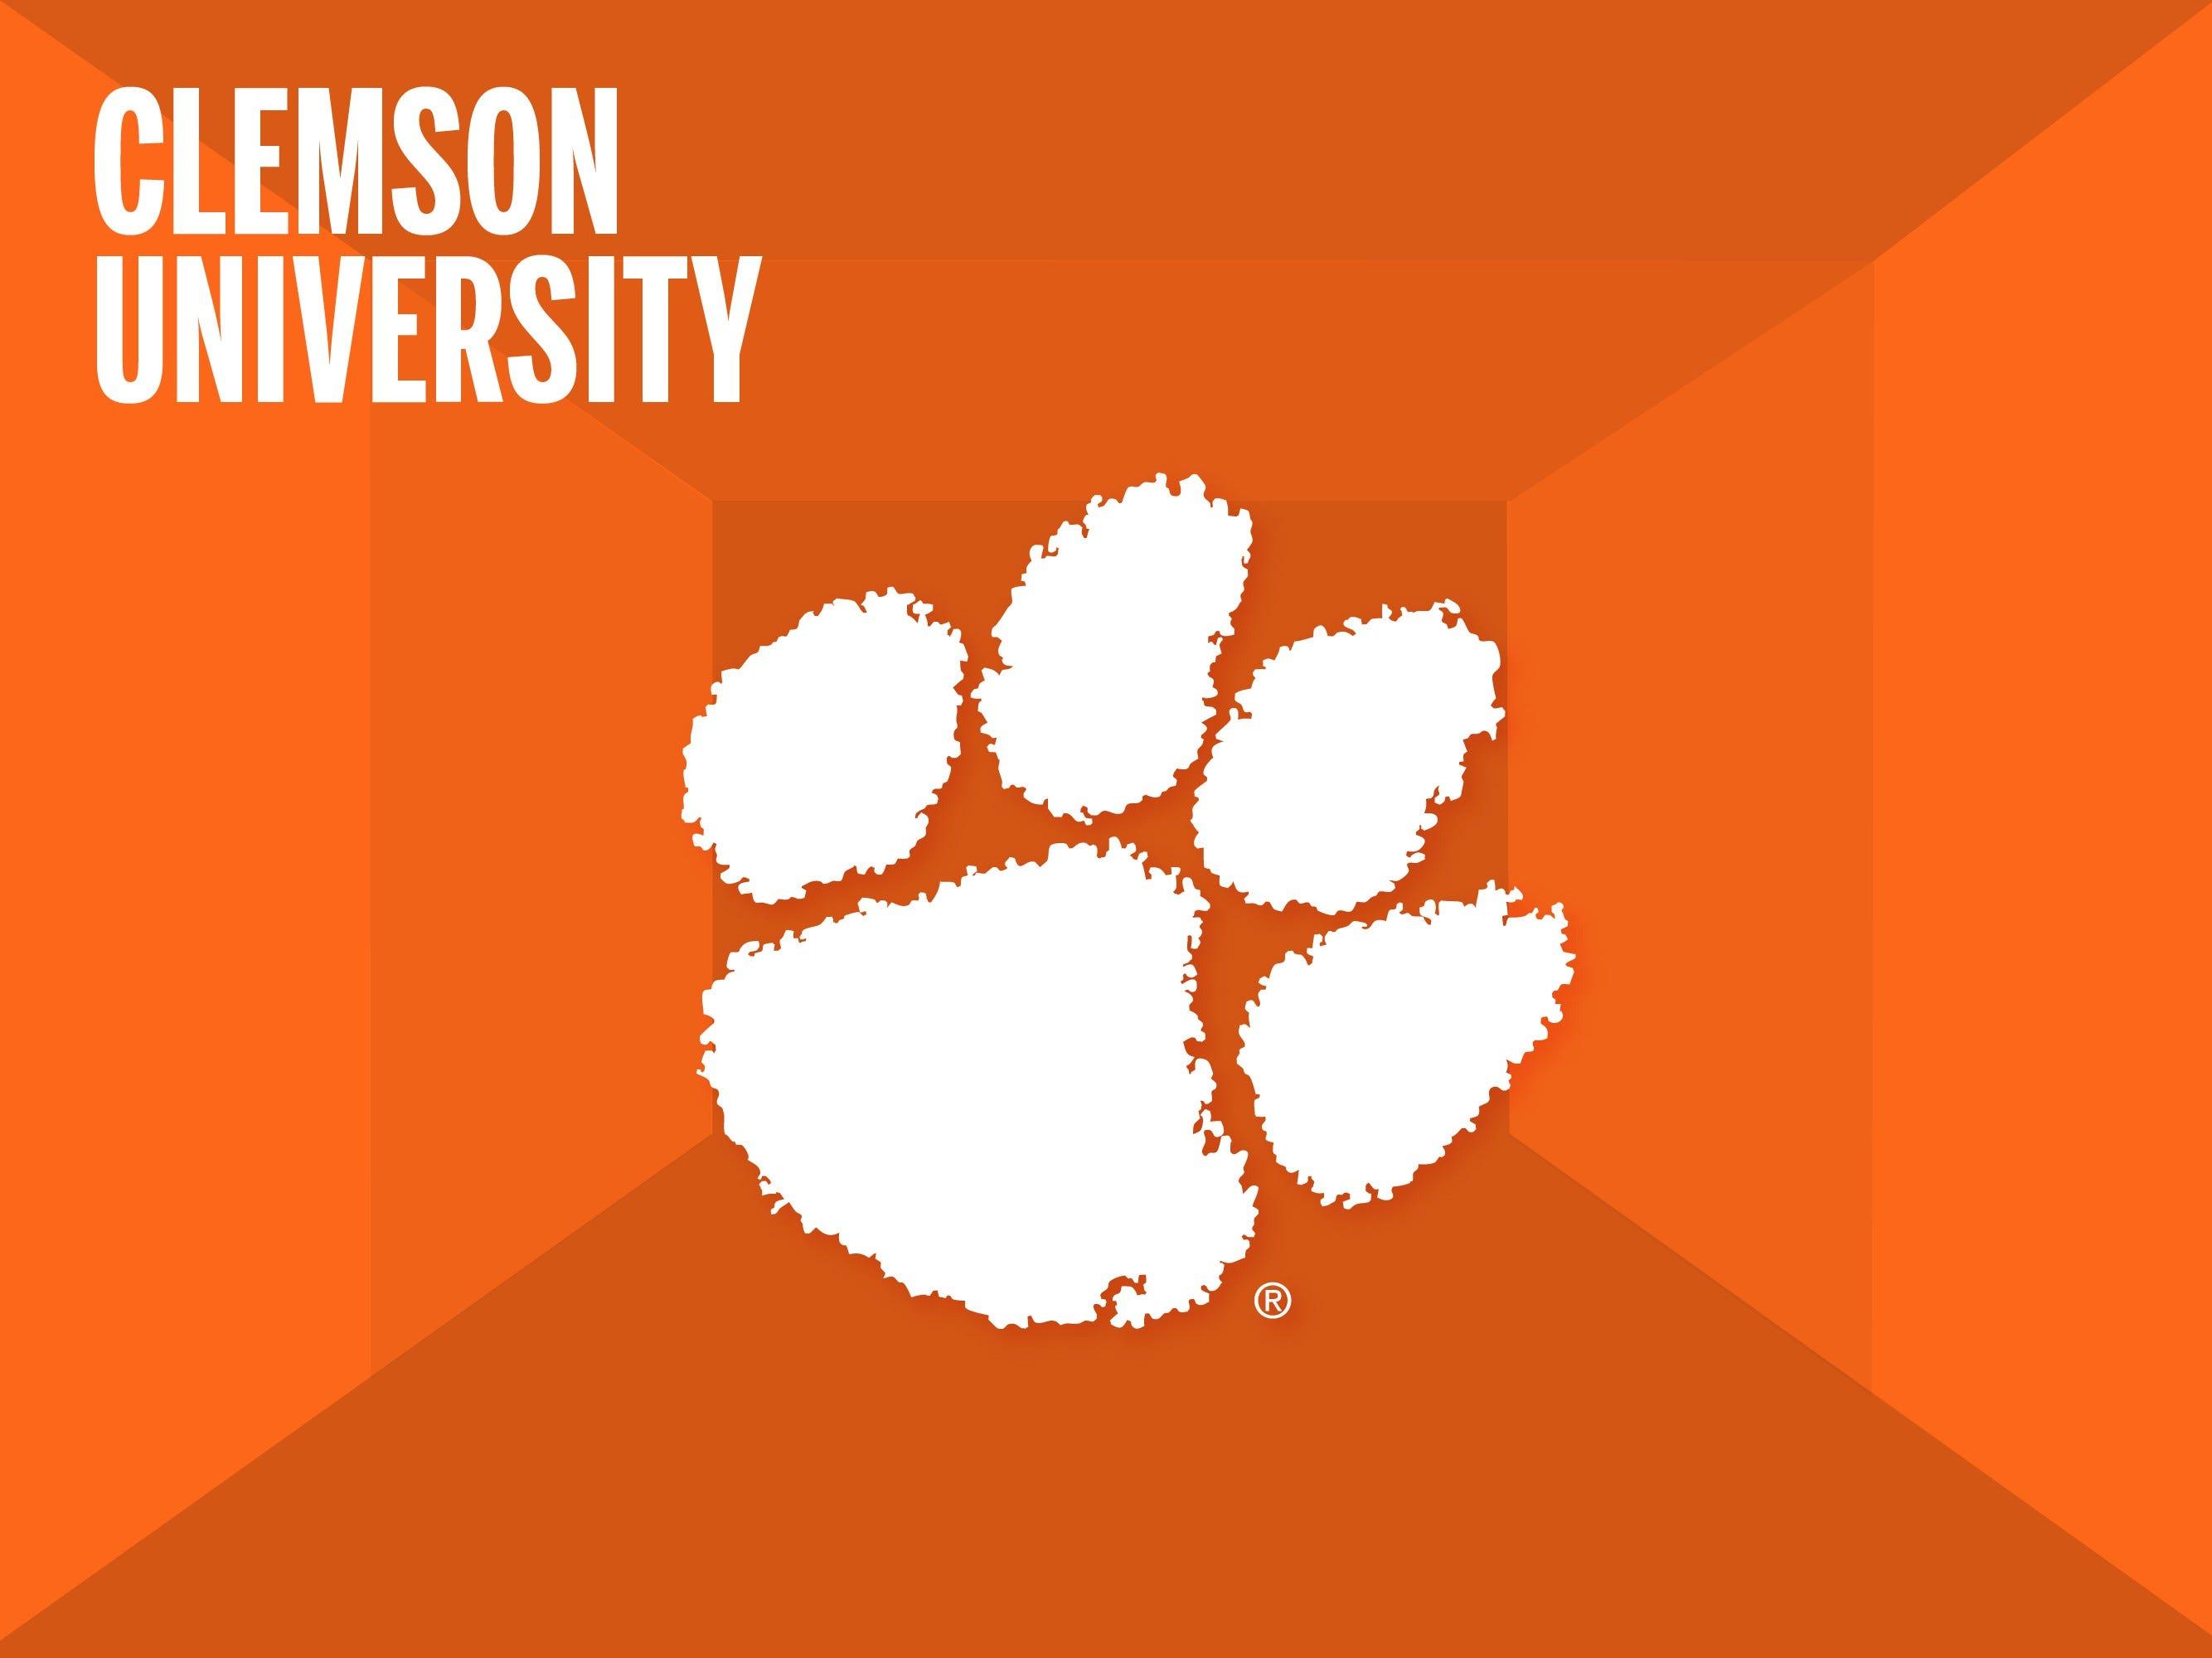 Clemson University College Shop